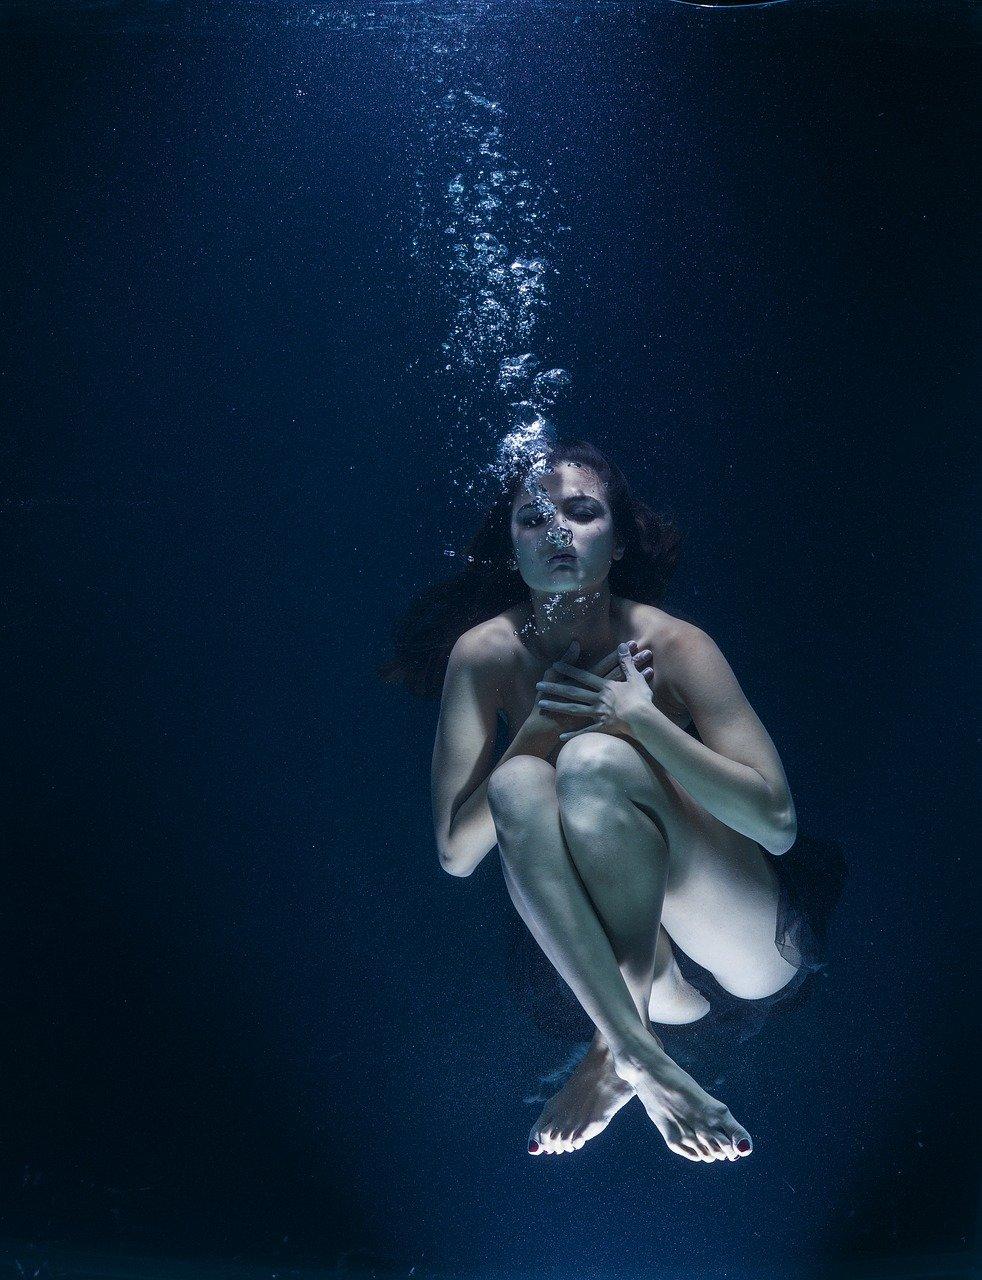 water, underwater, nightmare